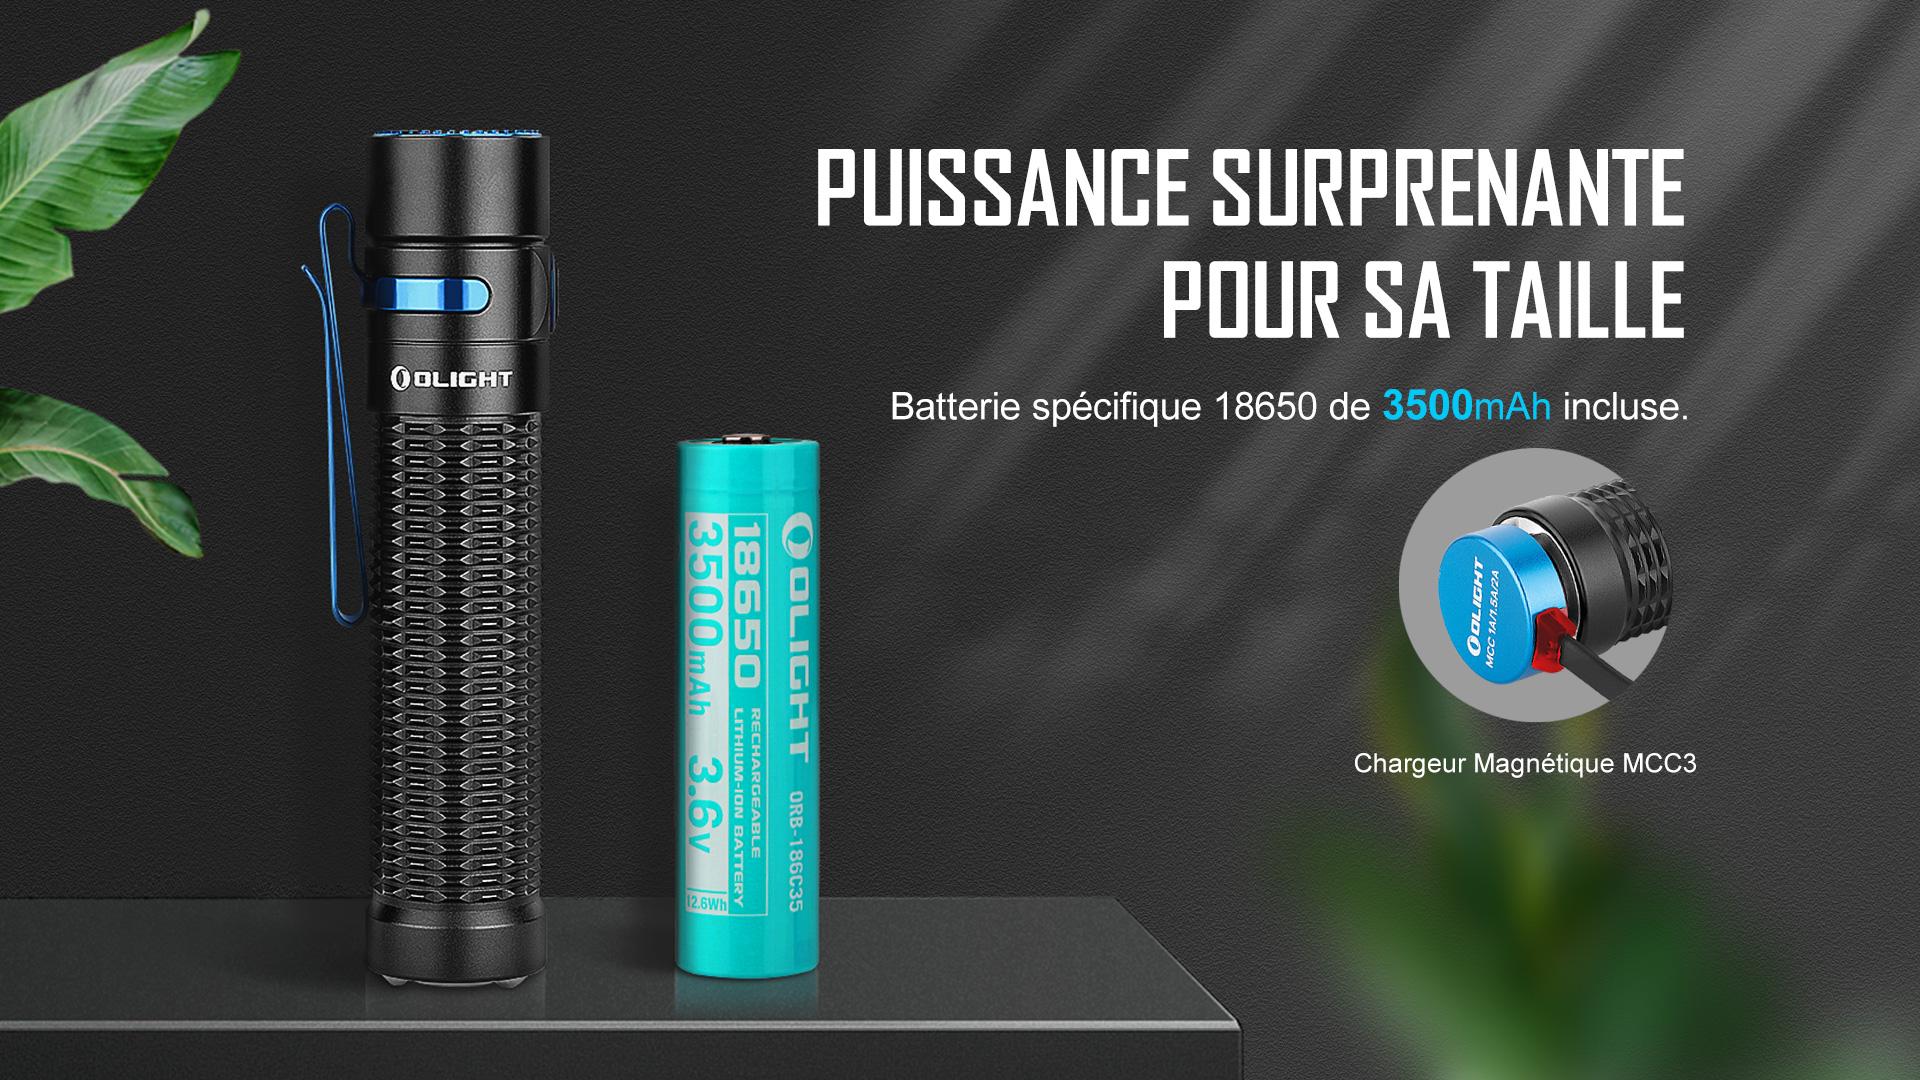 lampe de poche tactique batterie rechargeable 18650 de 3500mAh